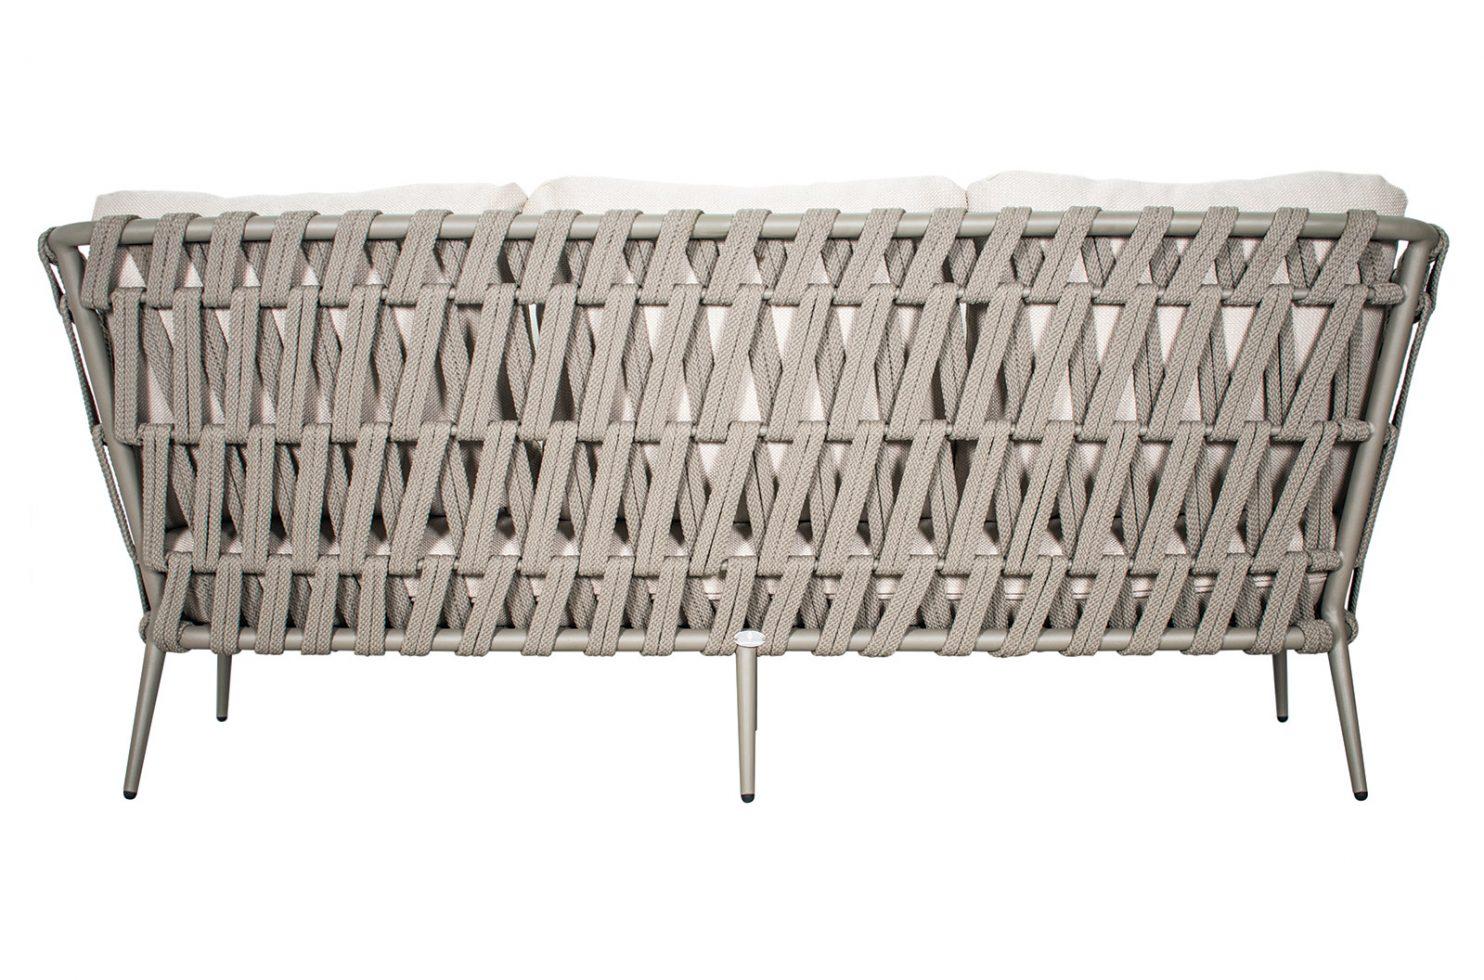 Archipelago andaman sofa 620FT066P2LGT 1 back